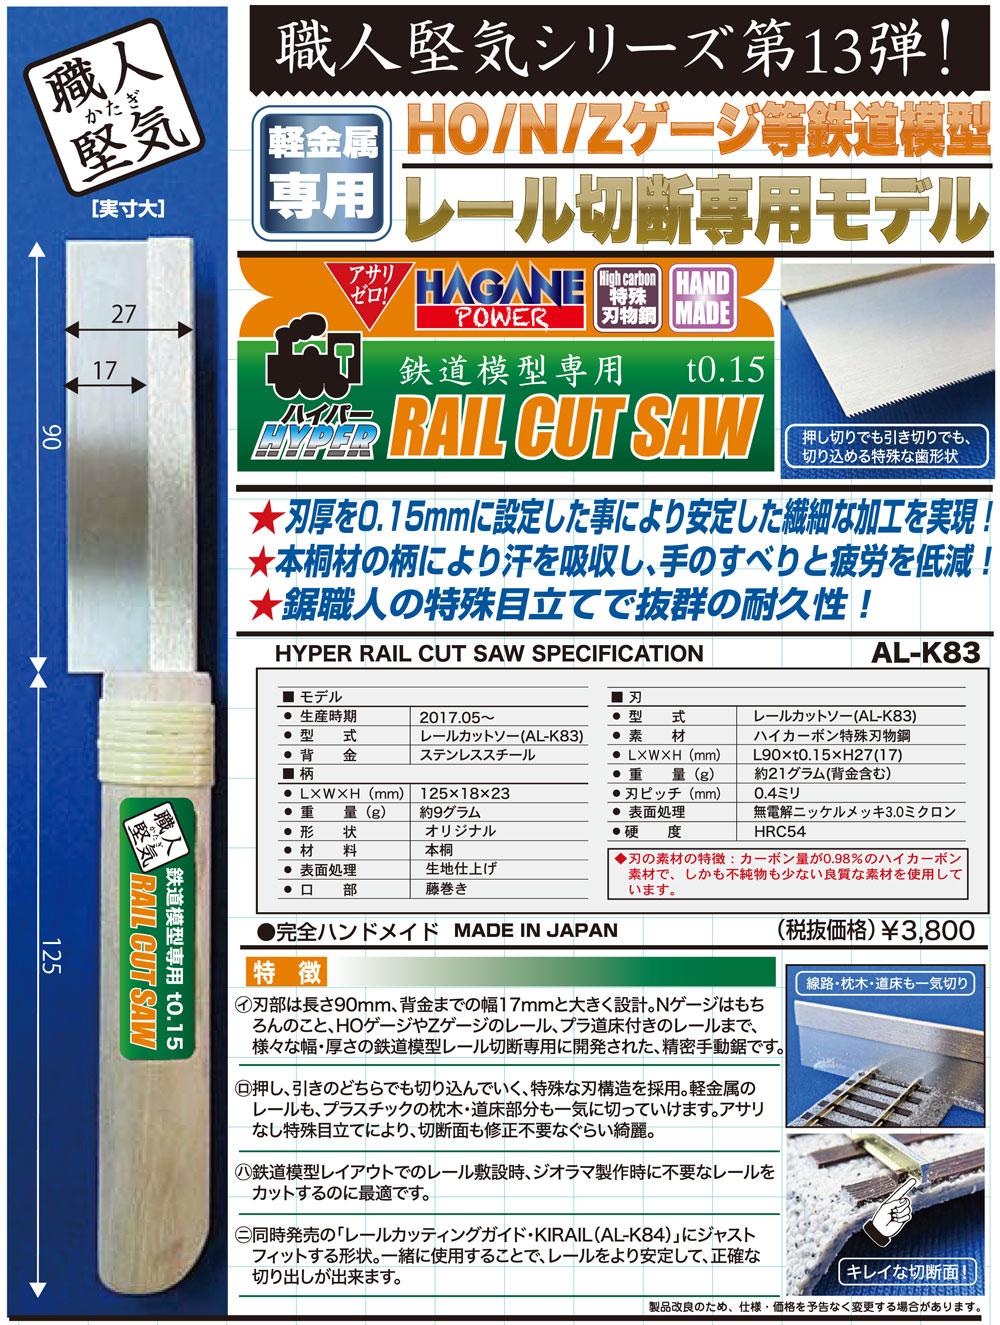 鉄道模型専用 レールカットソー鋸(シモムラアレック職人堅気No.AL-K083)商品画像_1